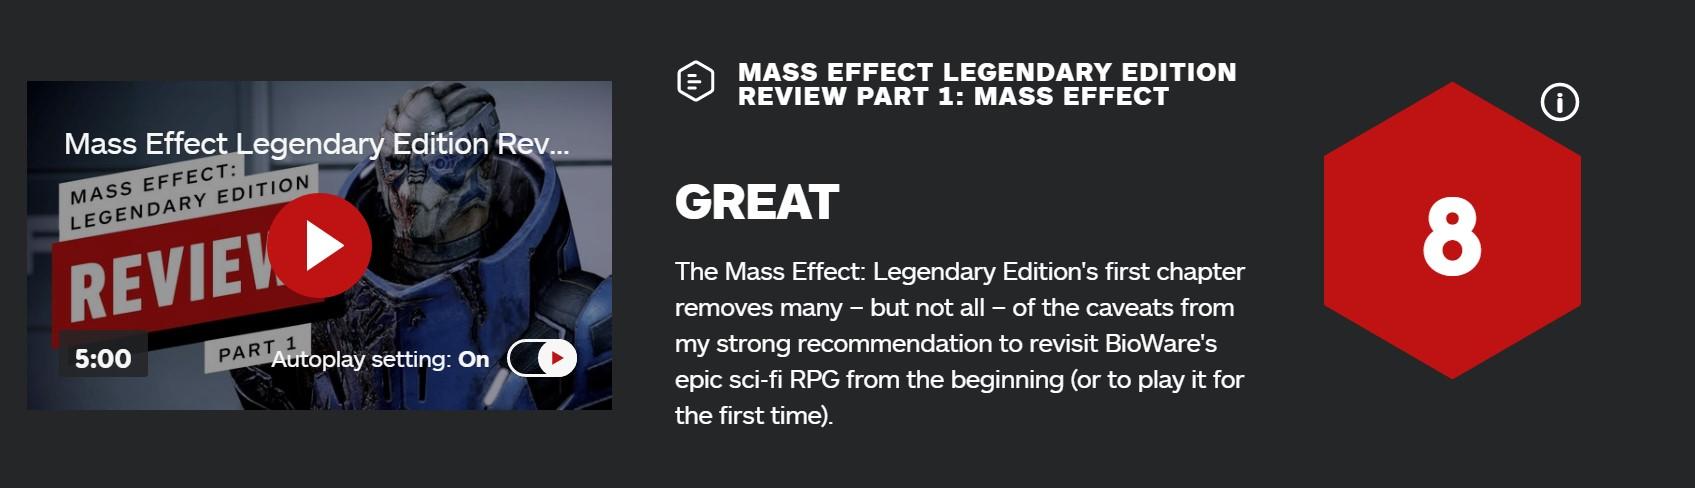 《质量效应:传奇版》第一章IGN 8分:强烈建议游玩